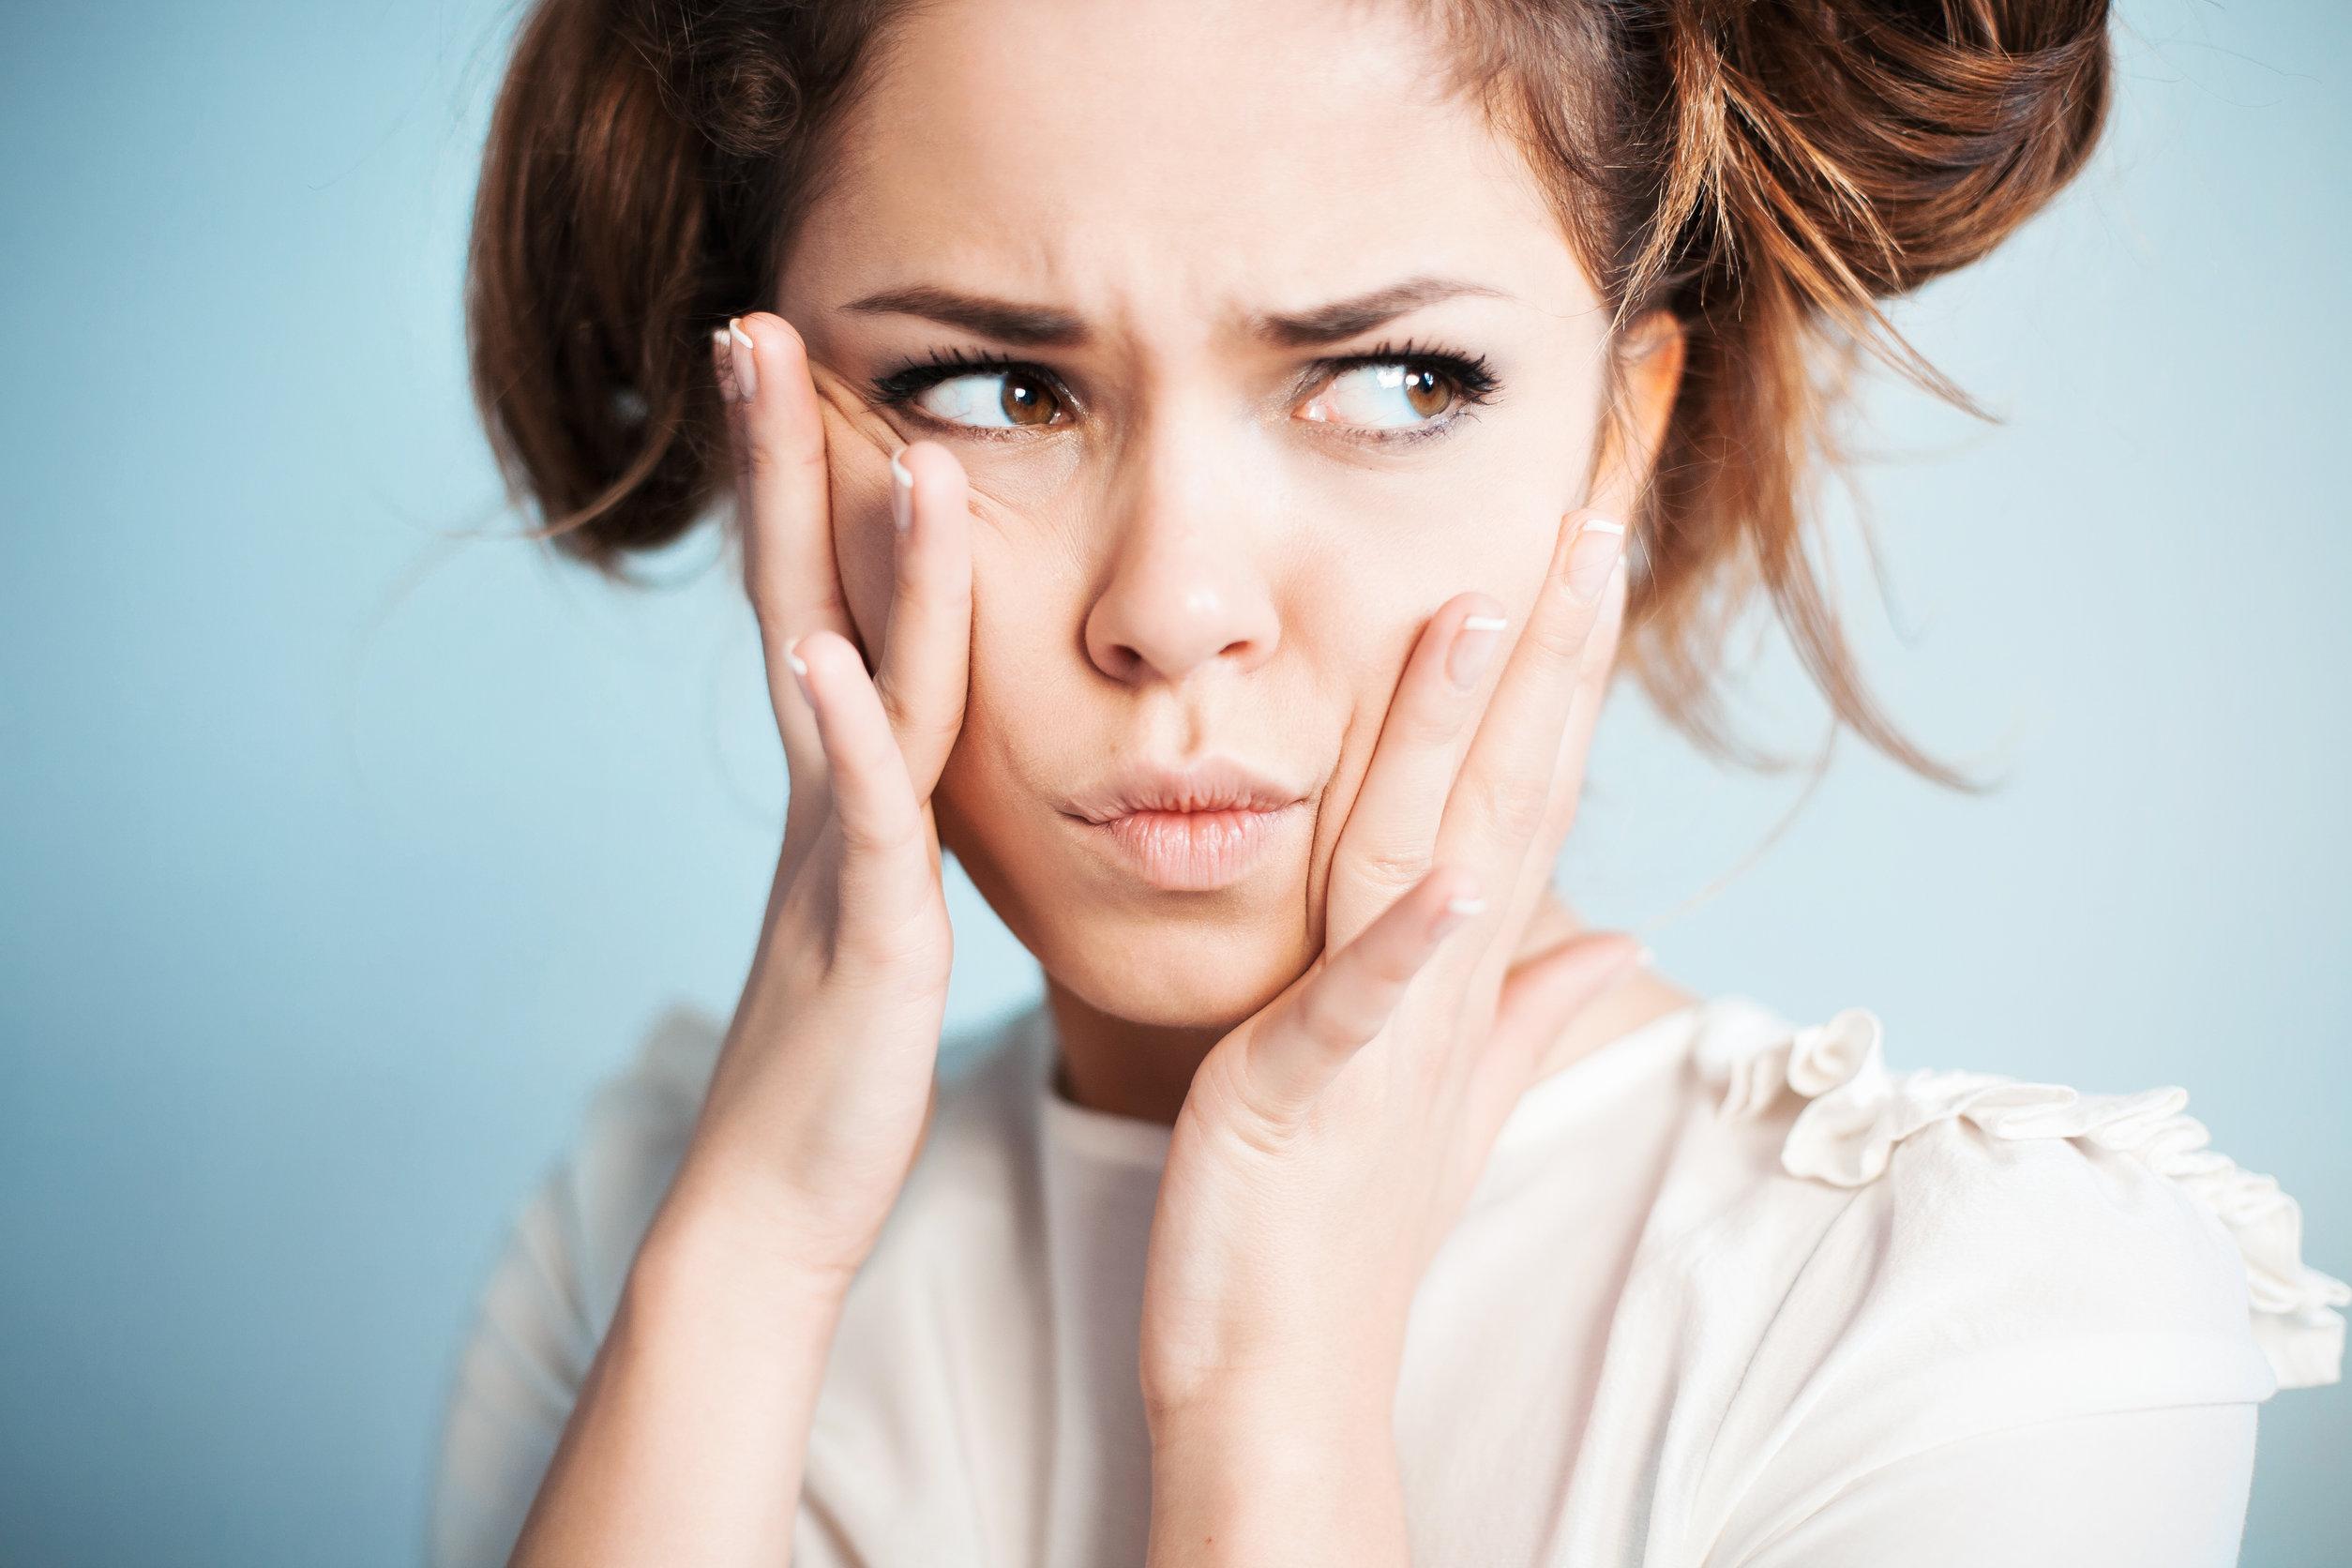 Afbeelding blog Mislukte cosmetische ingreep: kan ik mijn plastisch chirurg aansprakelijk stellen?